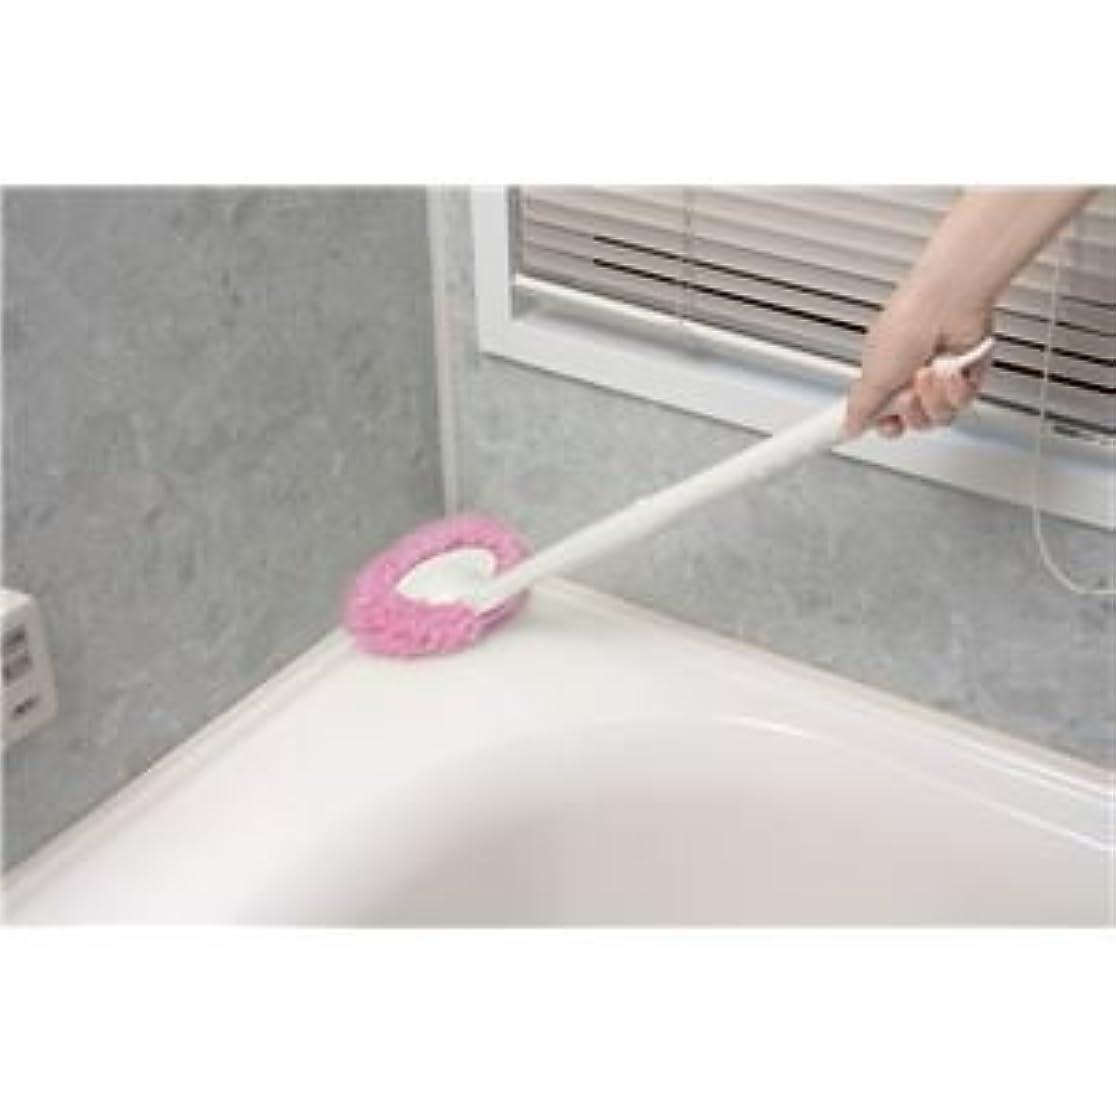 過度に教室スラックサンコー お風呂びっクリーナーPI (BO-50) ピンク